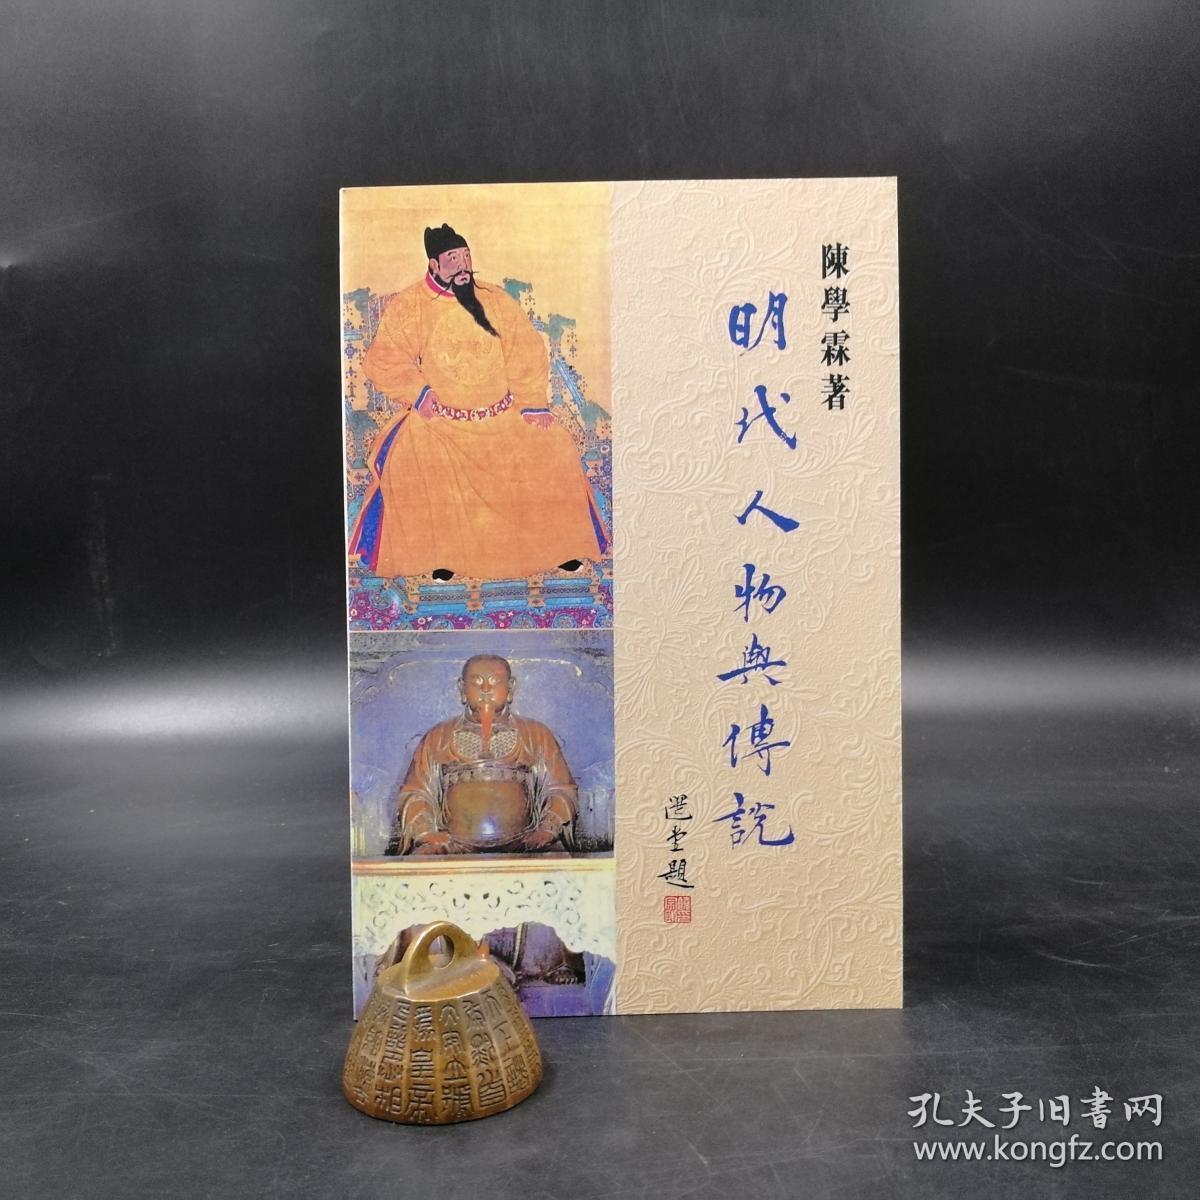 香港中文大学版 陈学霖《明代人物與傳說》(锁线胶钉)